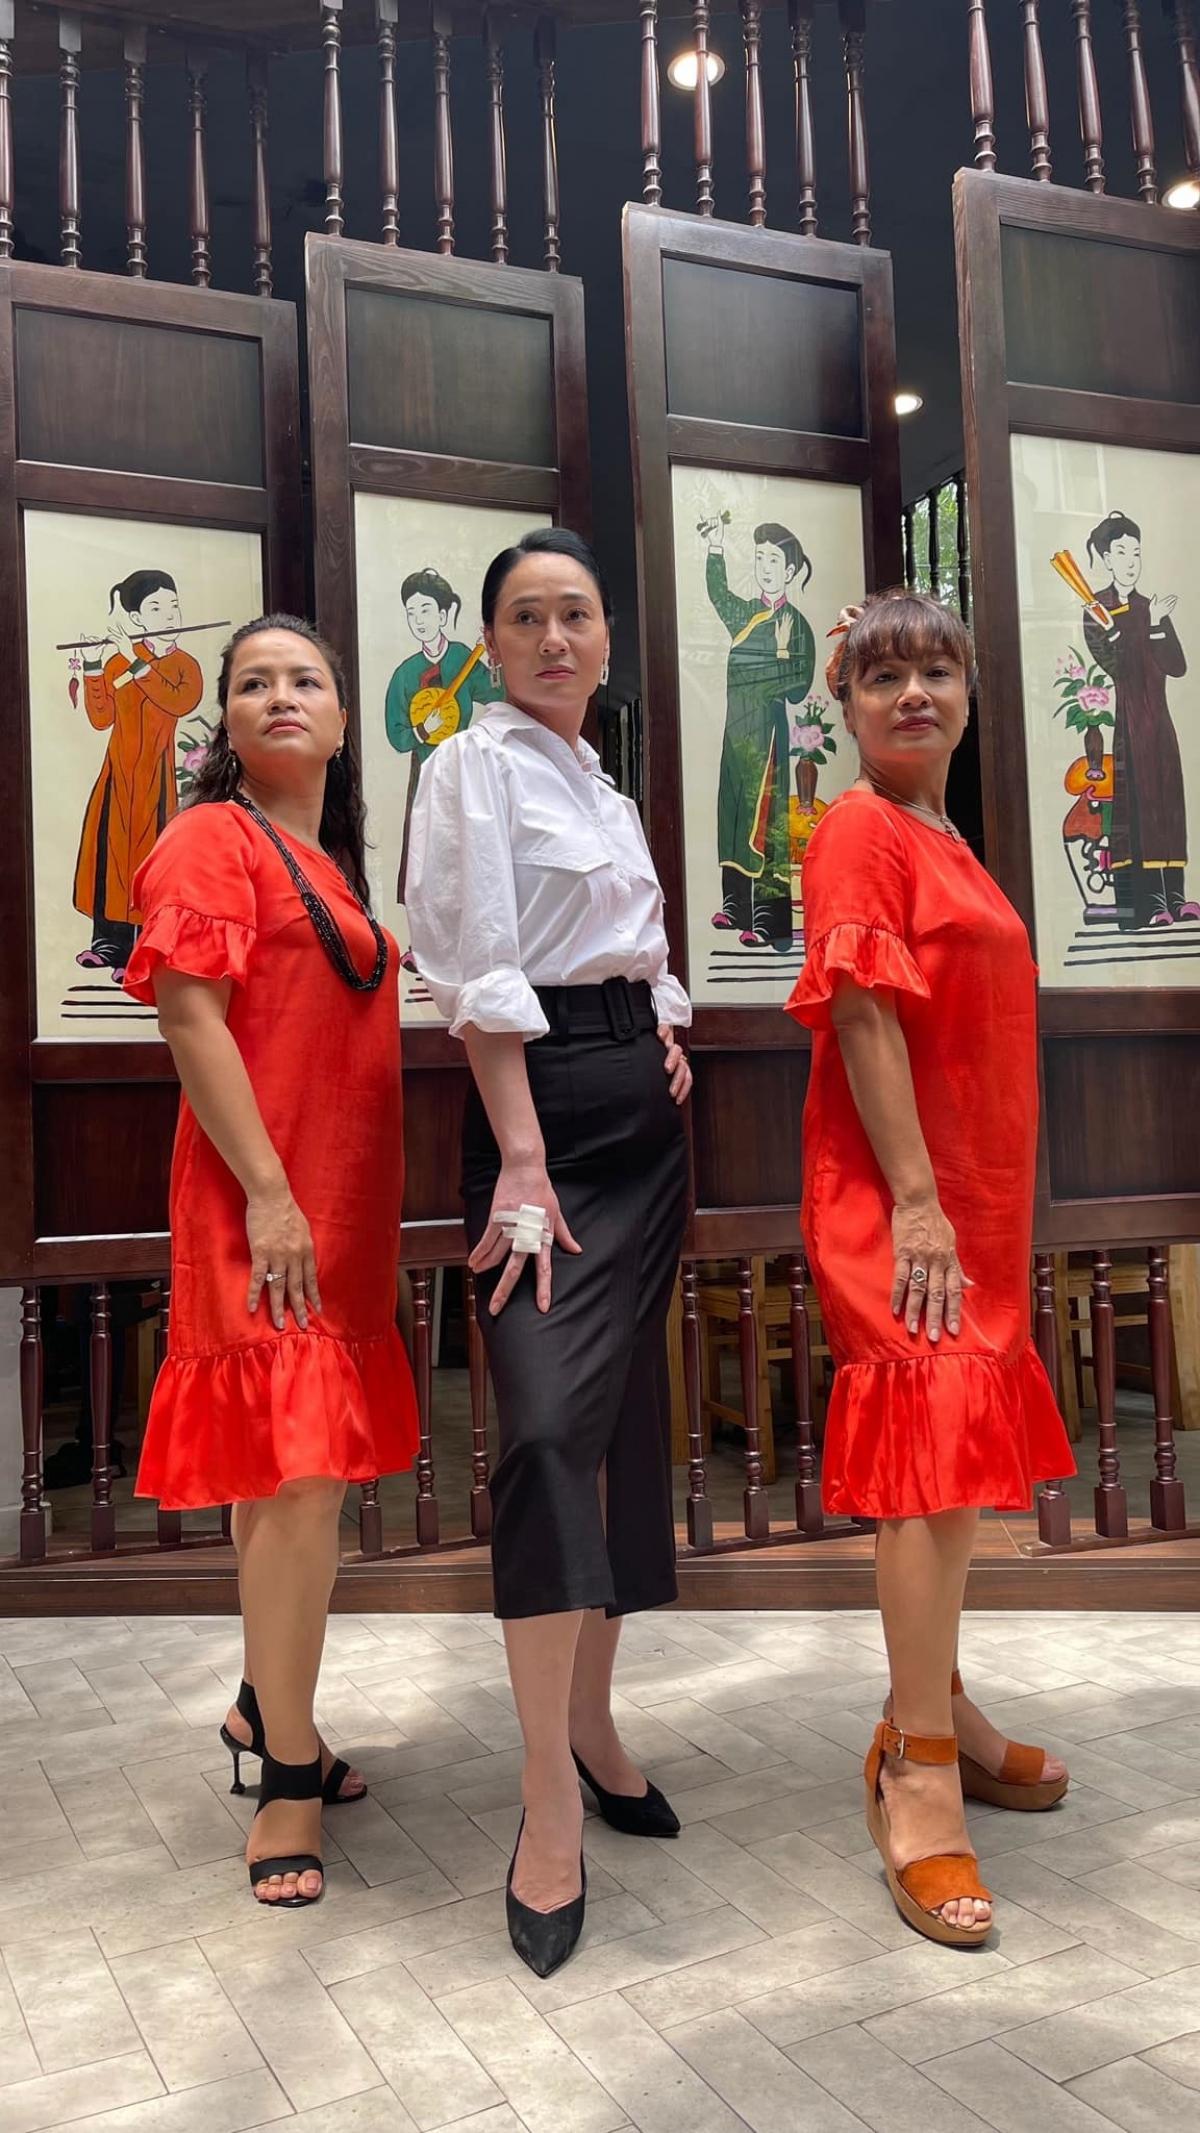 Hậu trường hài hước một cảnh phim chưa lên sóng được Quách Thu Phương chia sẻ liên quan đến ba nhân vật Sa, Xuân và Bích.